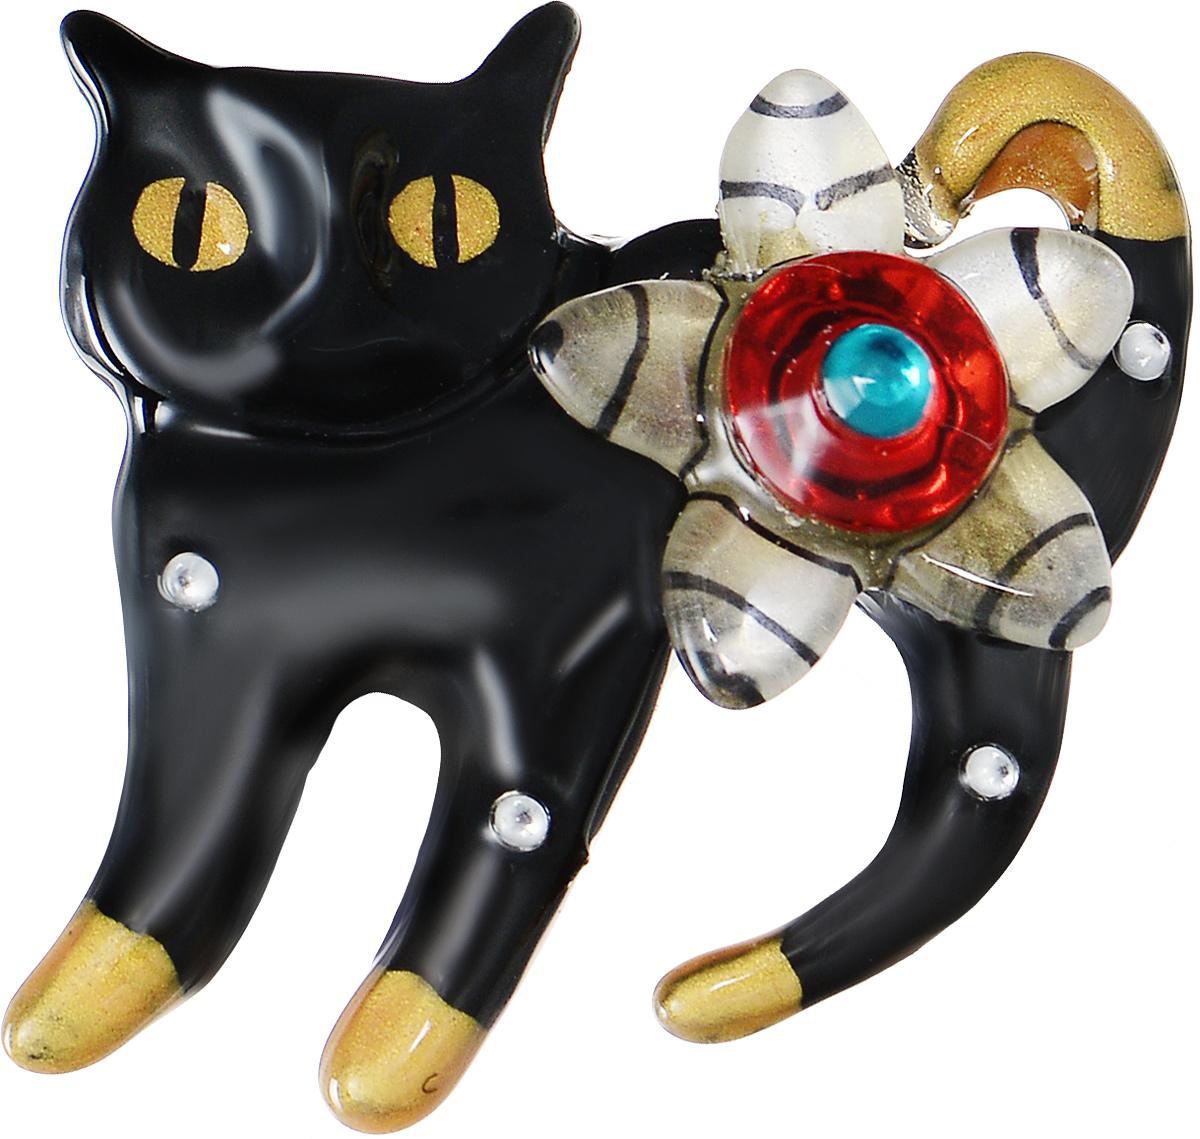 Брошь Lalo Treasures Black Cat, цвет: черный. 16941694Яркая дизайнерская брошь от Lalo Treasures станет отличным дополнением к вашему стилю. Она изготовлена из качественной ювелирной смолы и металлического сплава. Данная брошь выполнена в виде черной кошки, украшенной стразами и цветком. Брошь надежно и легко фиксируется на вашей одежде с помощью замка-булавки. Оригинальный дизайн позволит вашему образу быть ещё ярче и создать собственный неповторимый стиль.